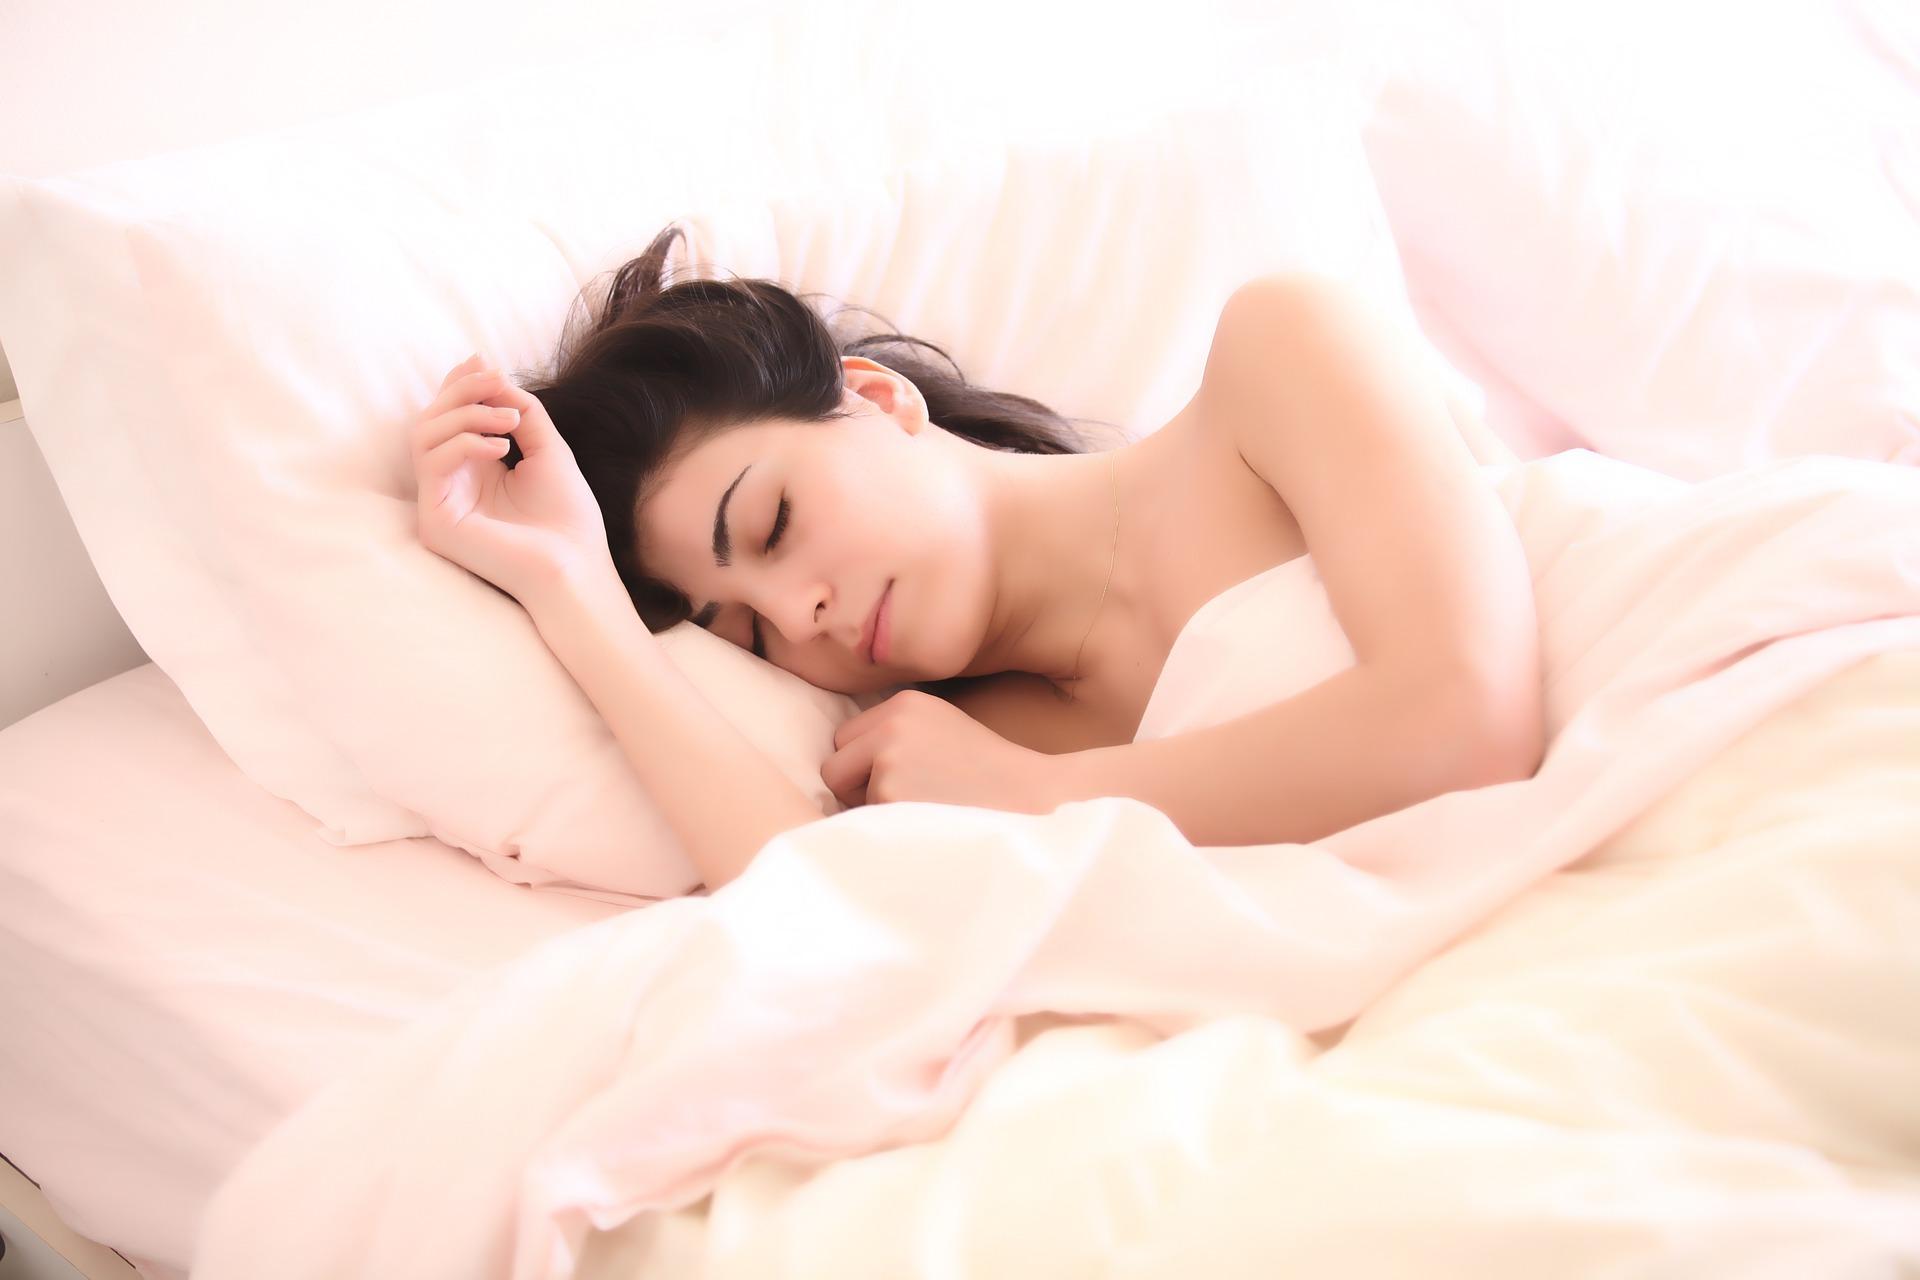 Te is alulteljesítesz? Eláruljuk, mennyi alvás kellene ahhoz, hogy beinduljon a fogyás